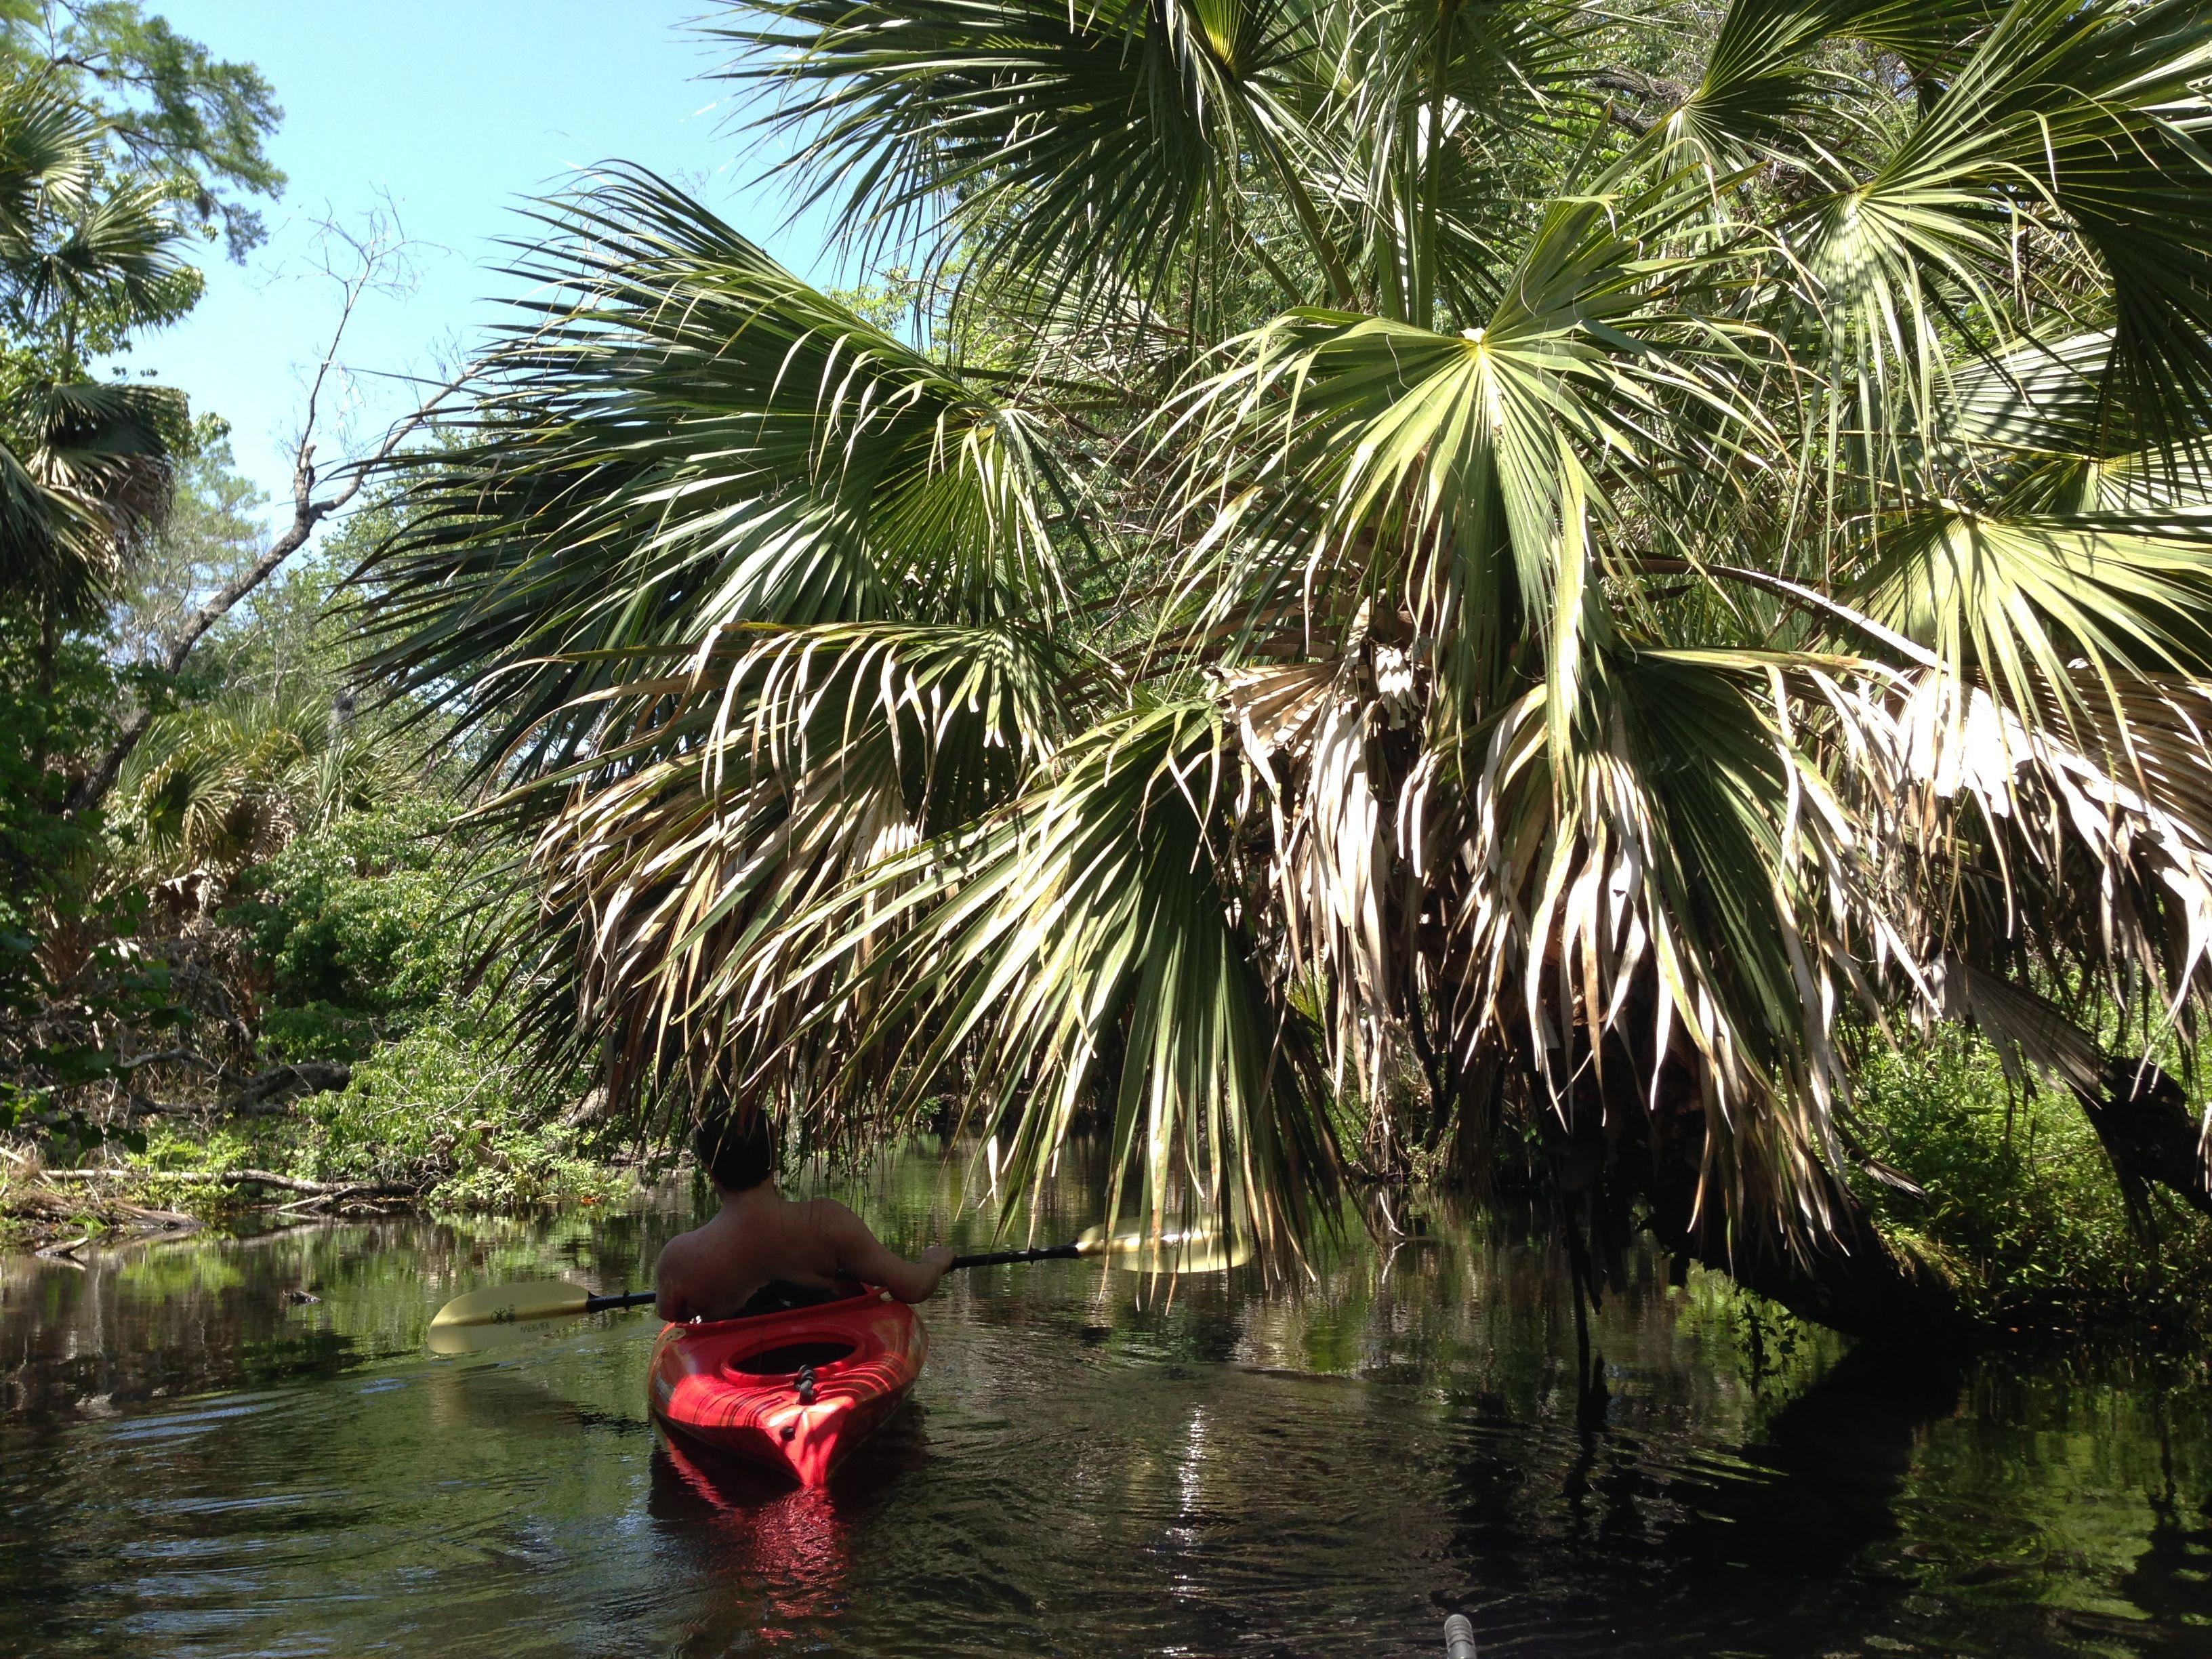 Juniper springs ocala national forrest kayaking florida